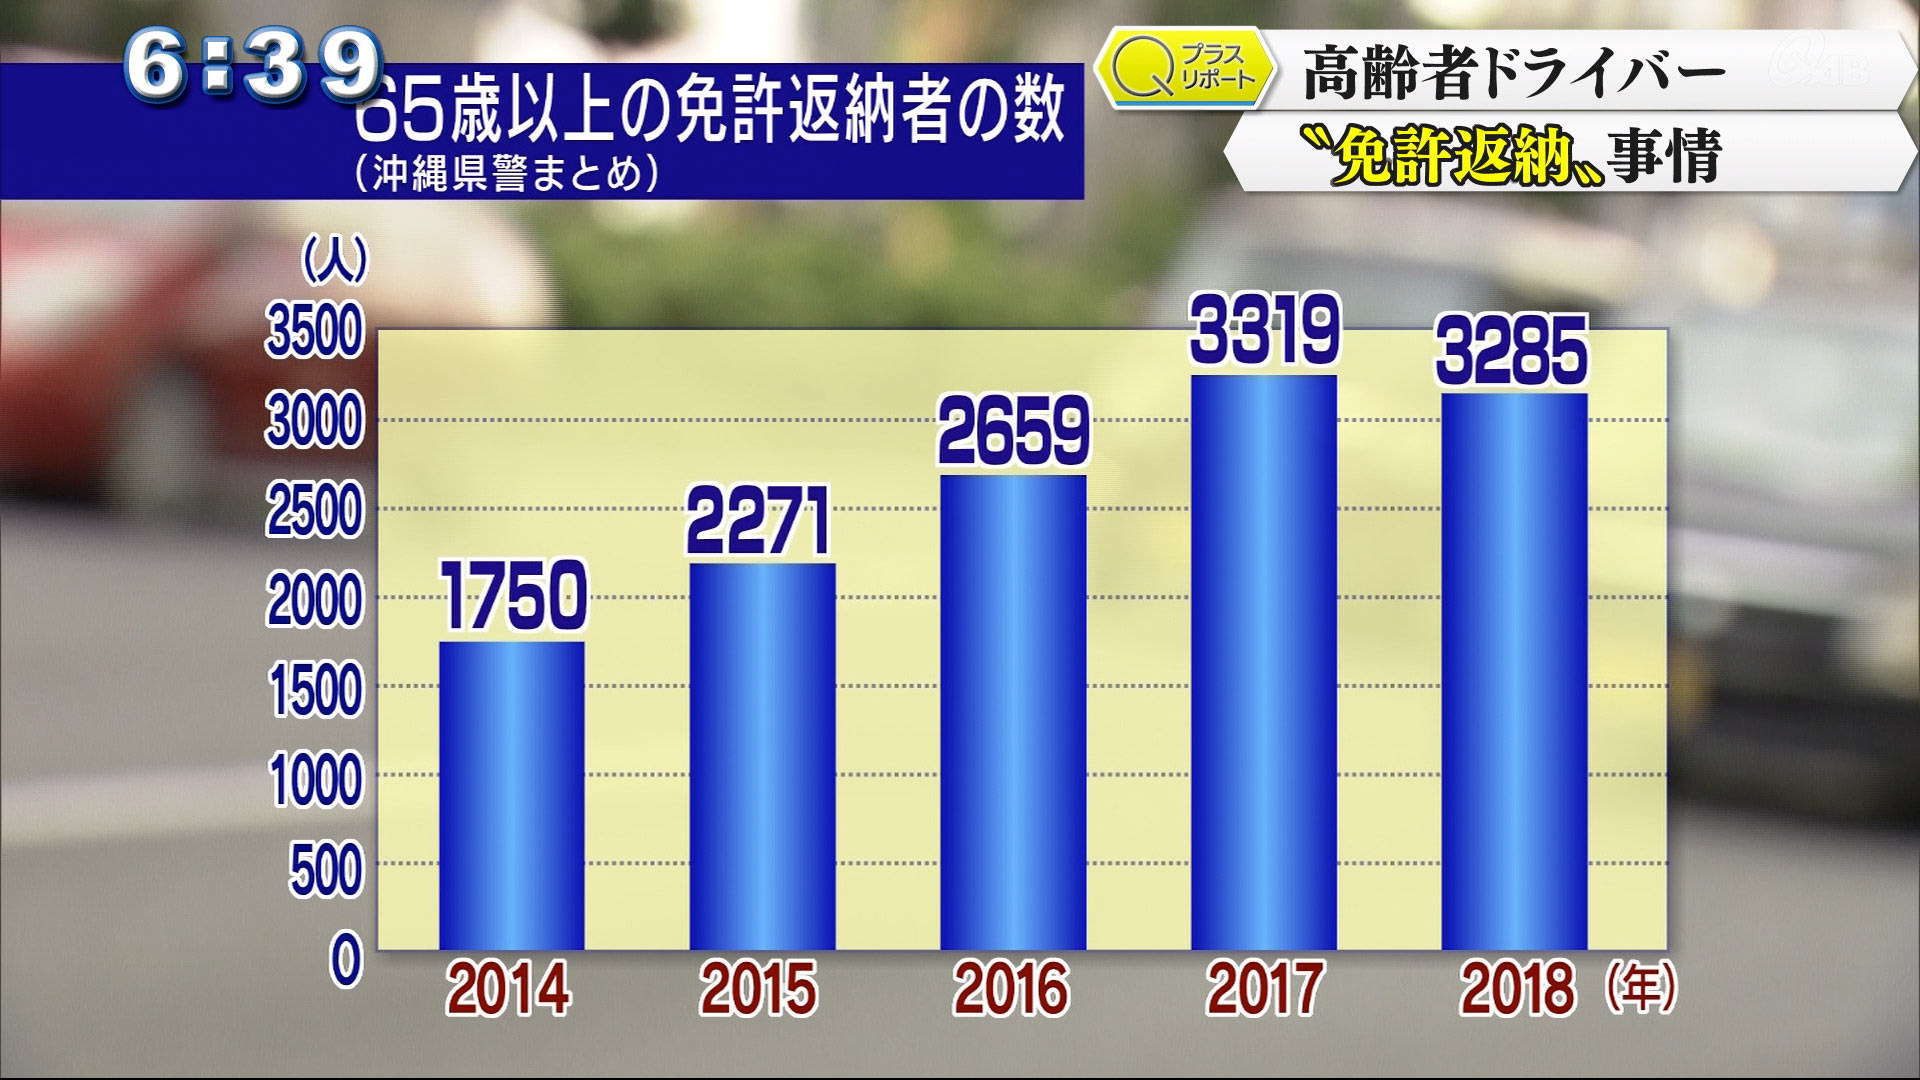 65歳以上の運転免許返納者はこの5年間で増加傾向